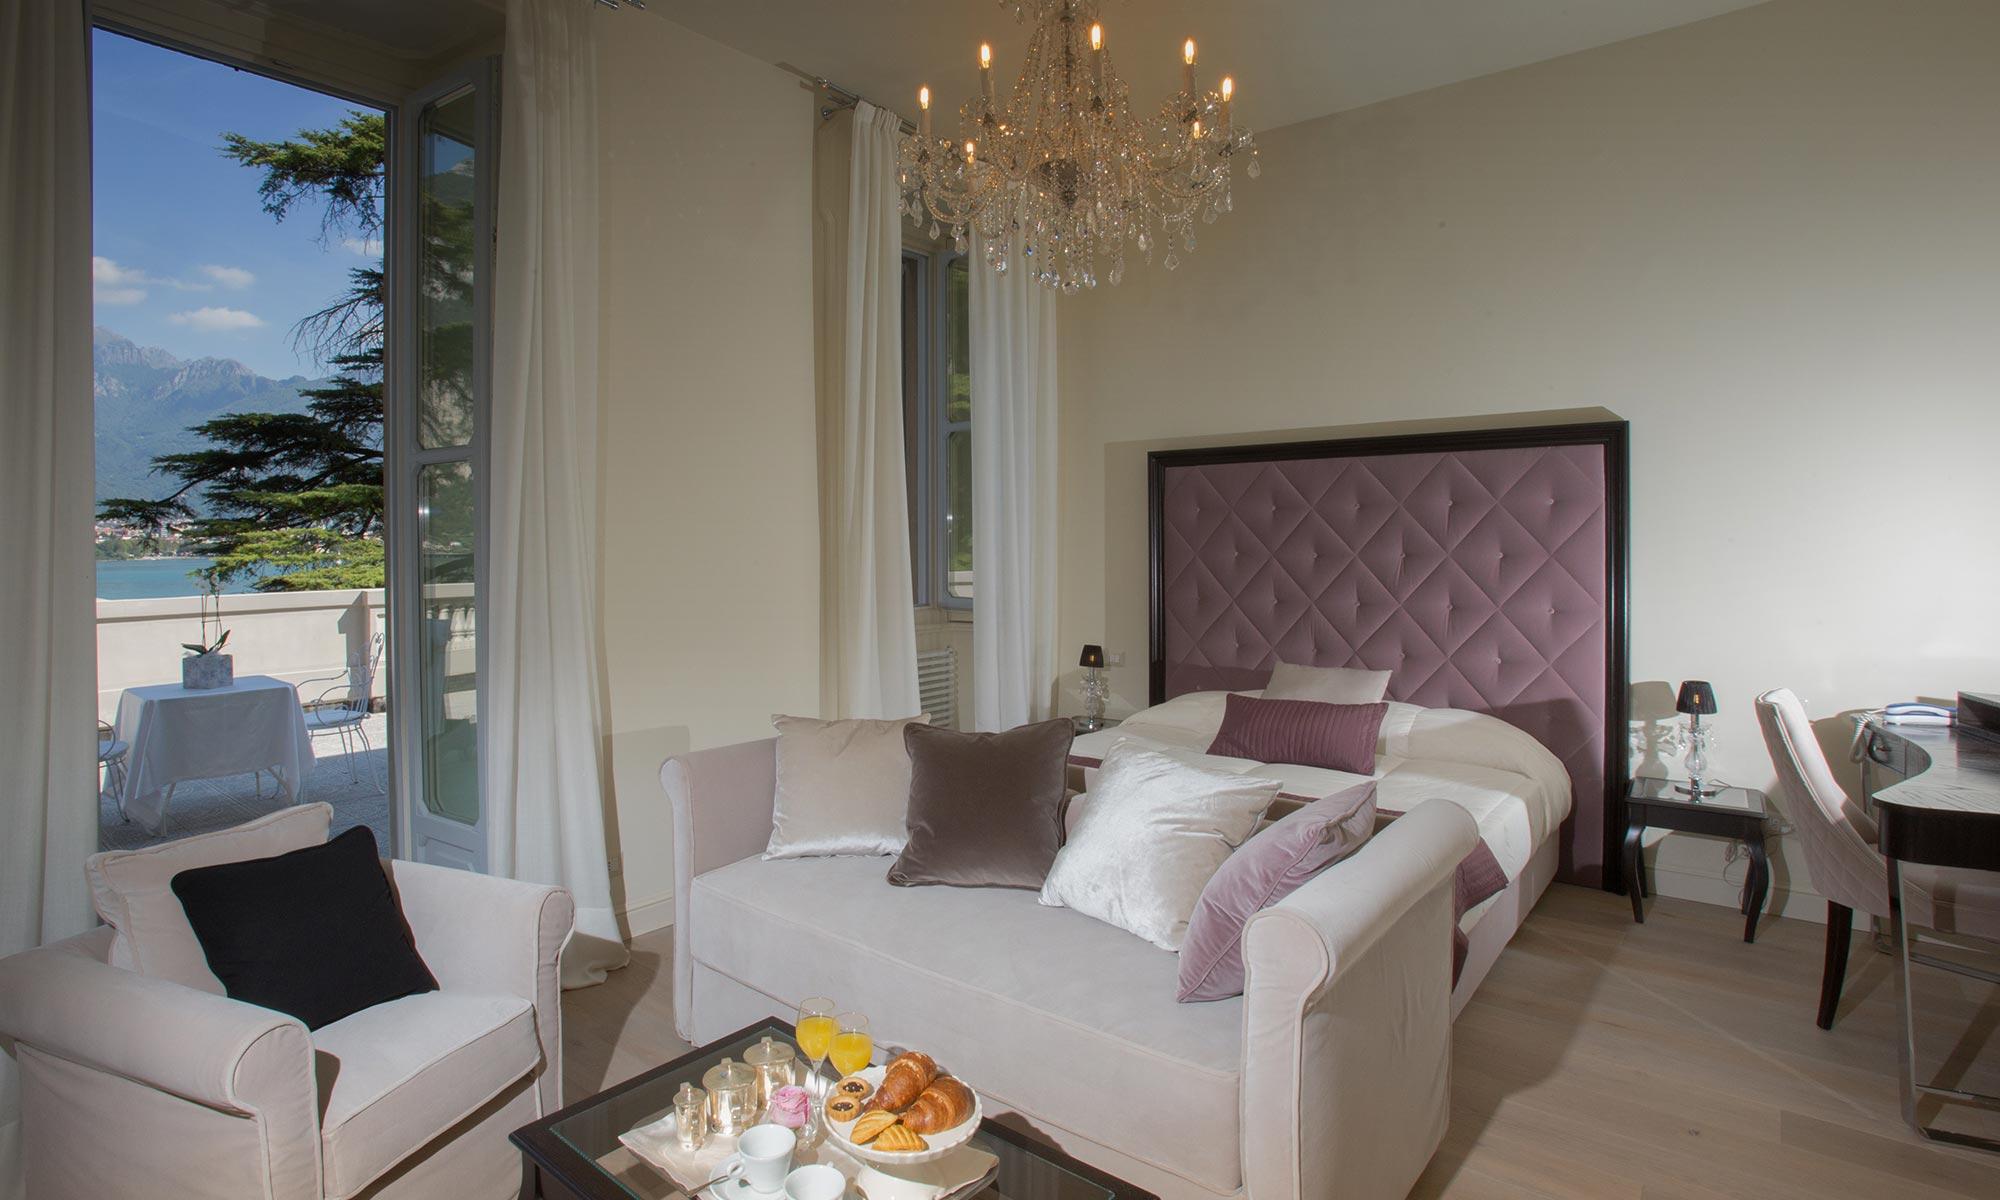 Hotel Villa Giulia Valmadrera Lecco - Suite